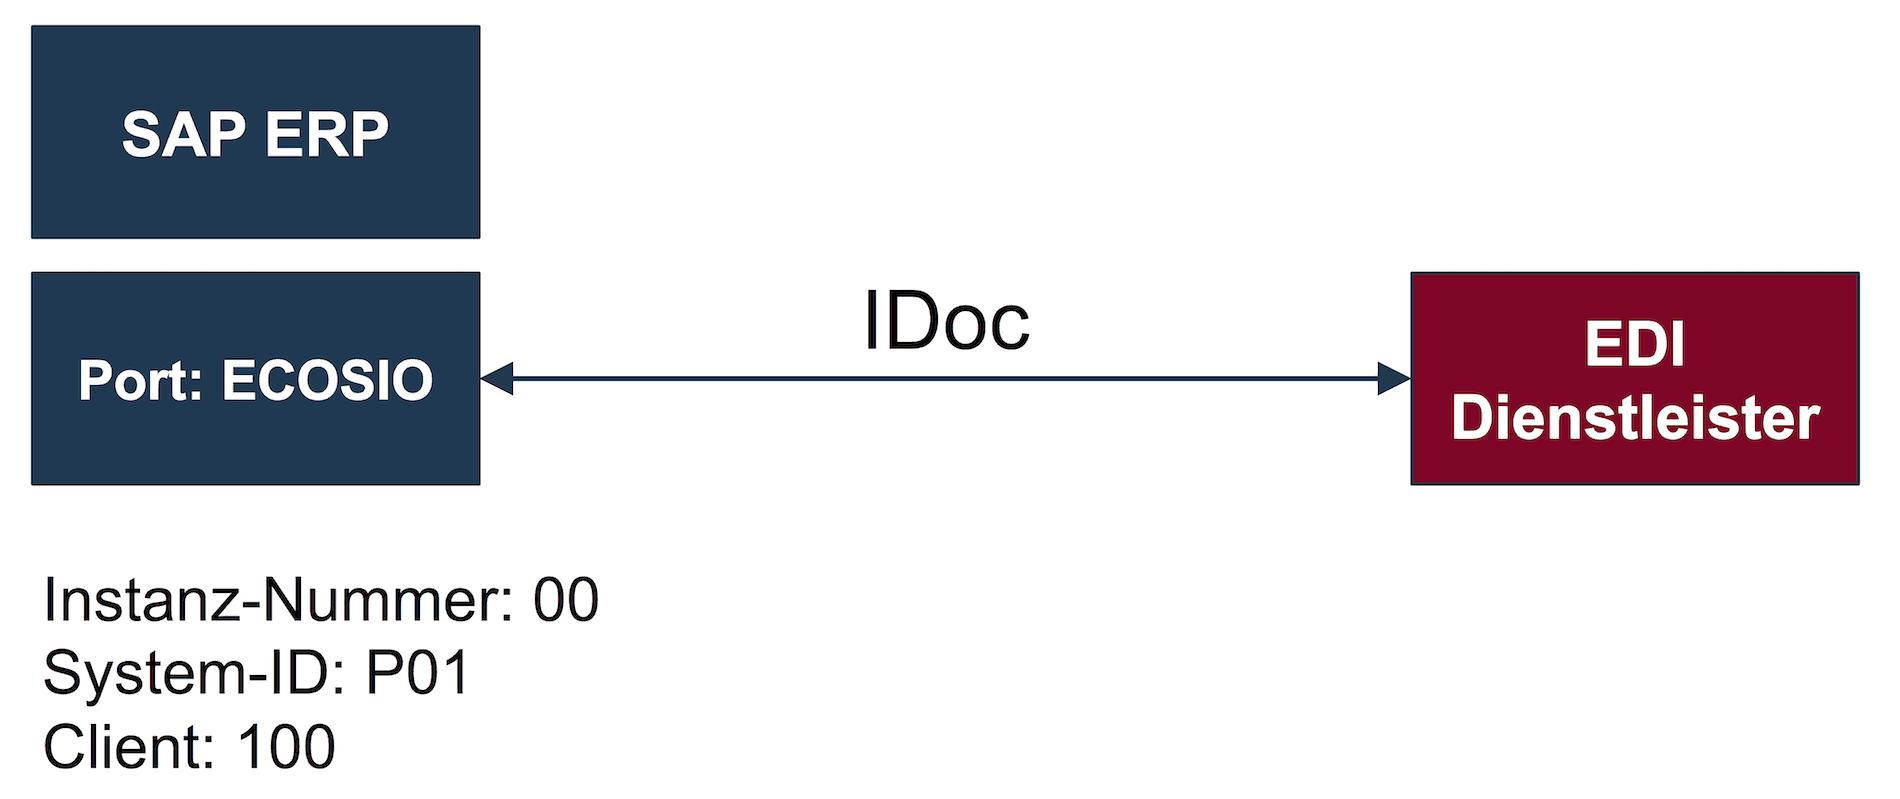 SAP-Beispiel-Setup mit einem EDI-Dienstleister